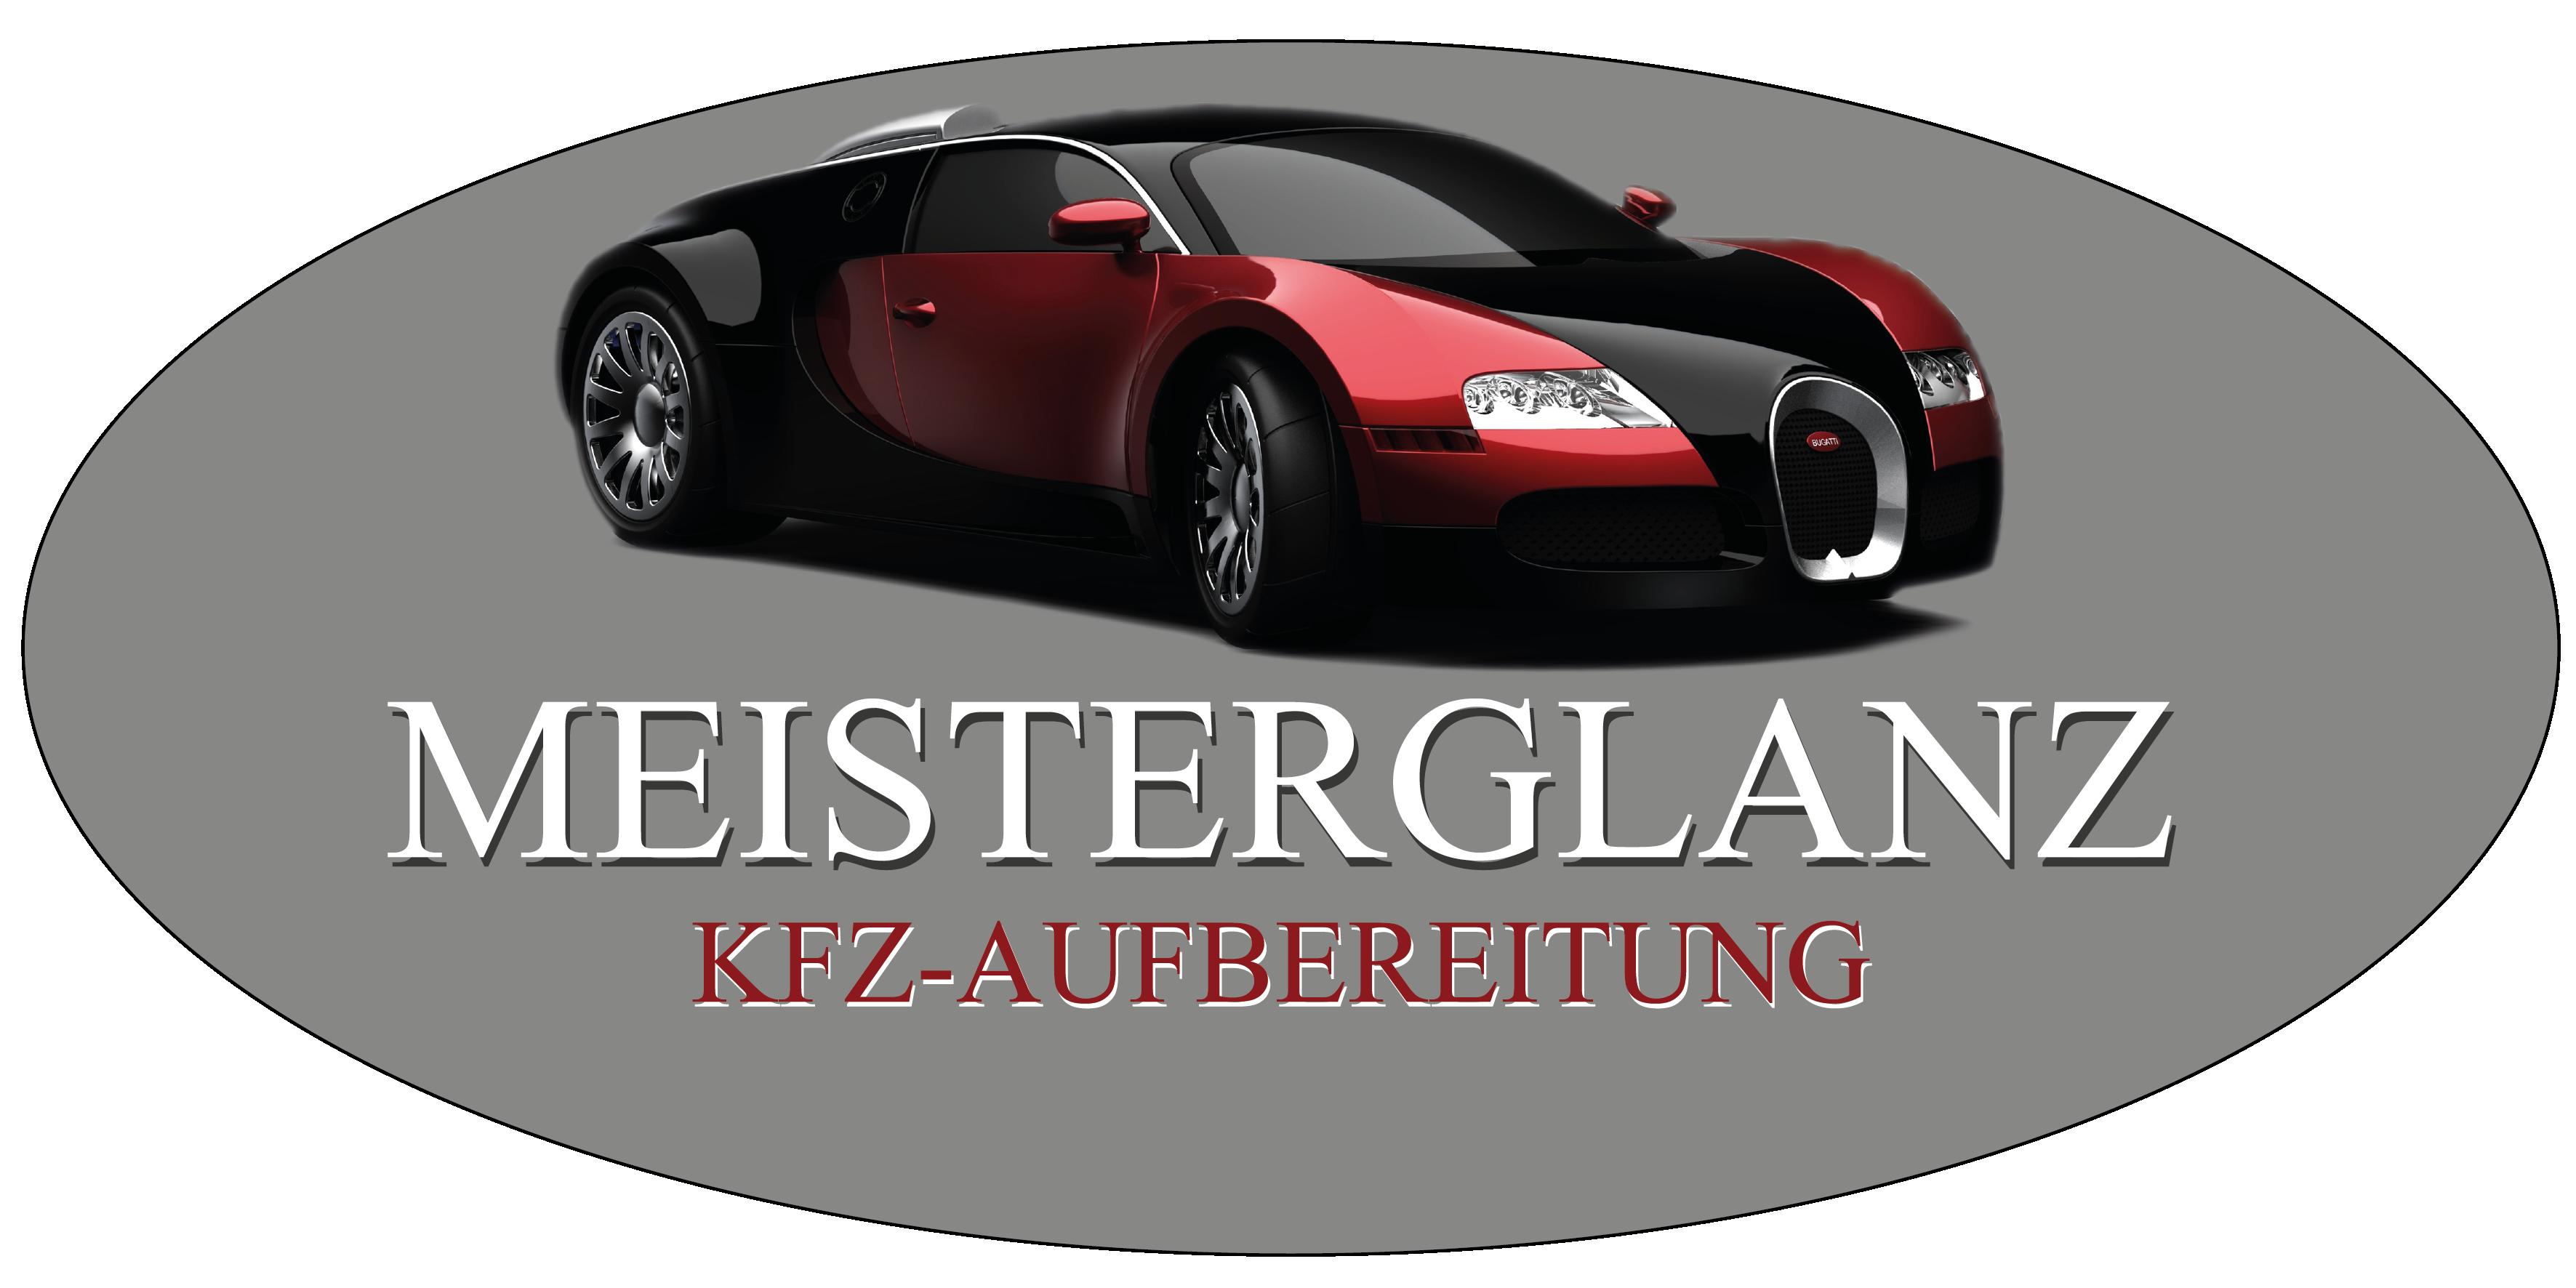 Meisterglanz Emden